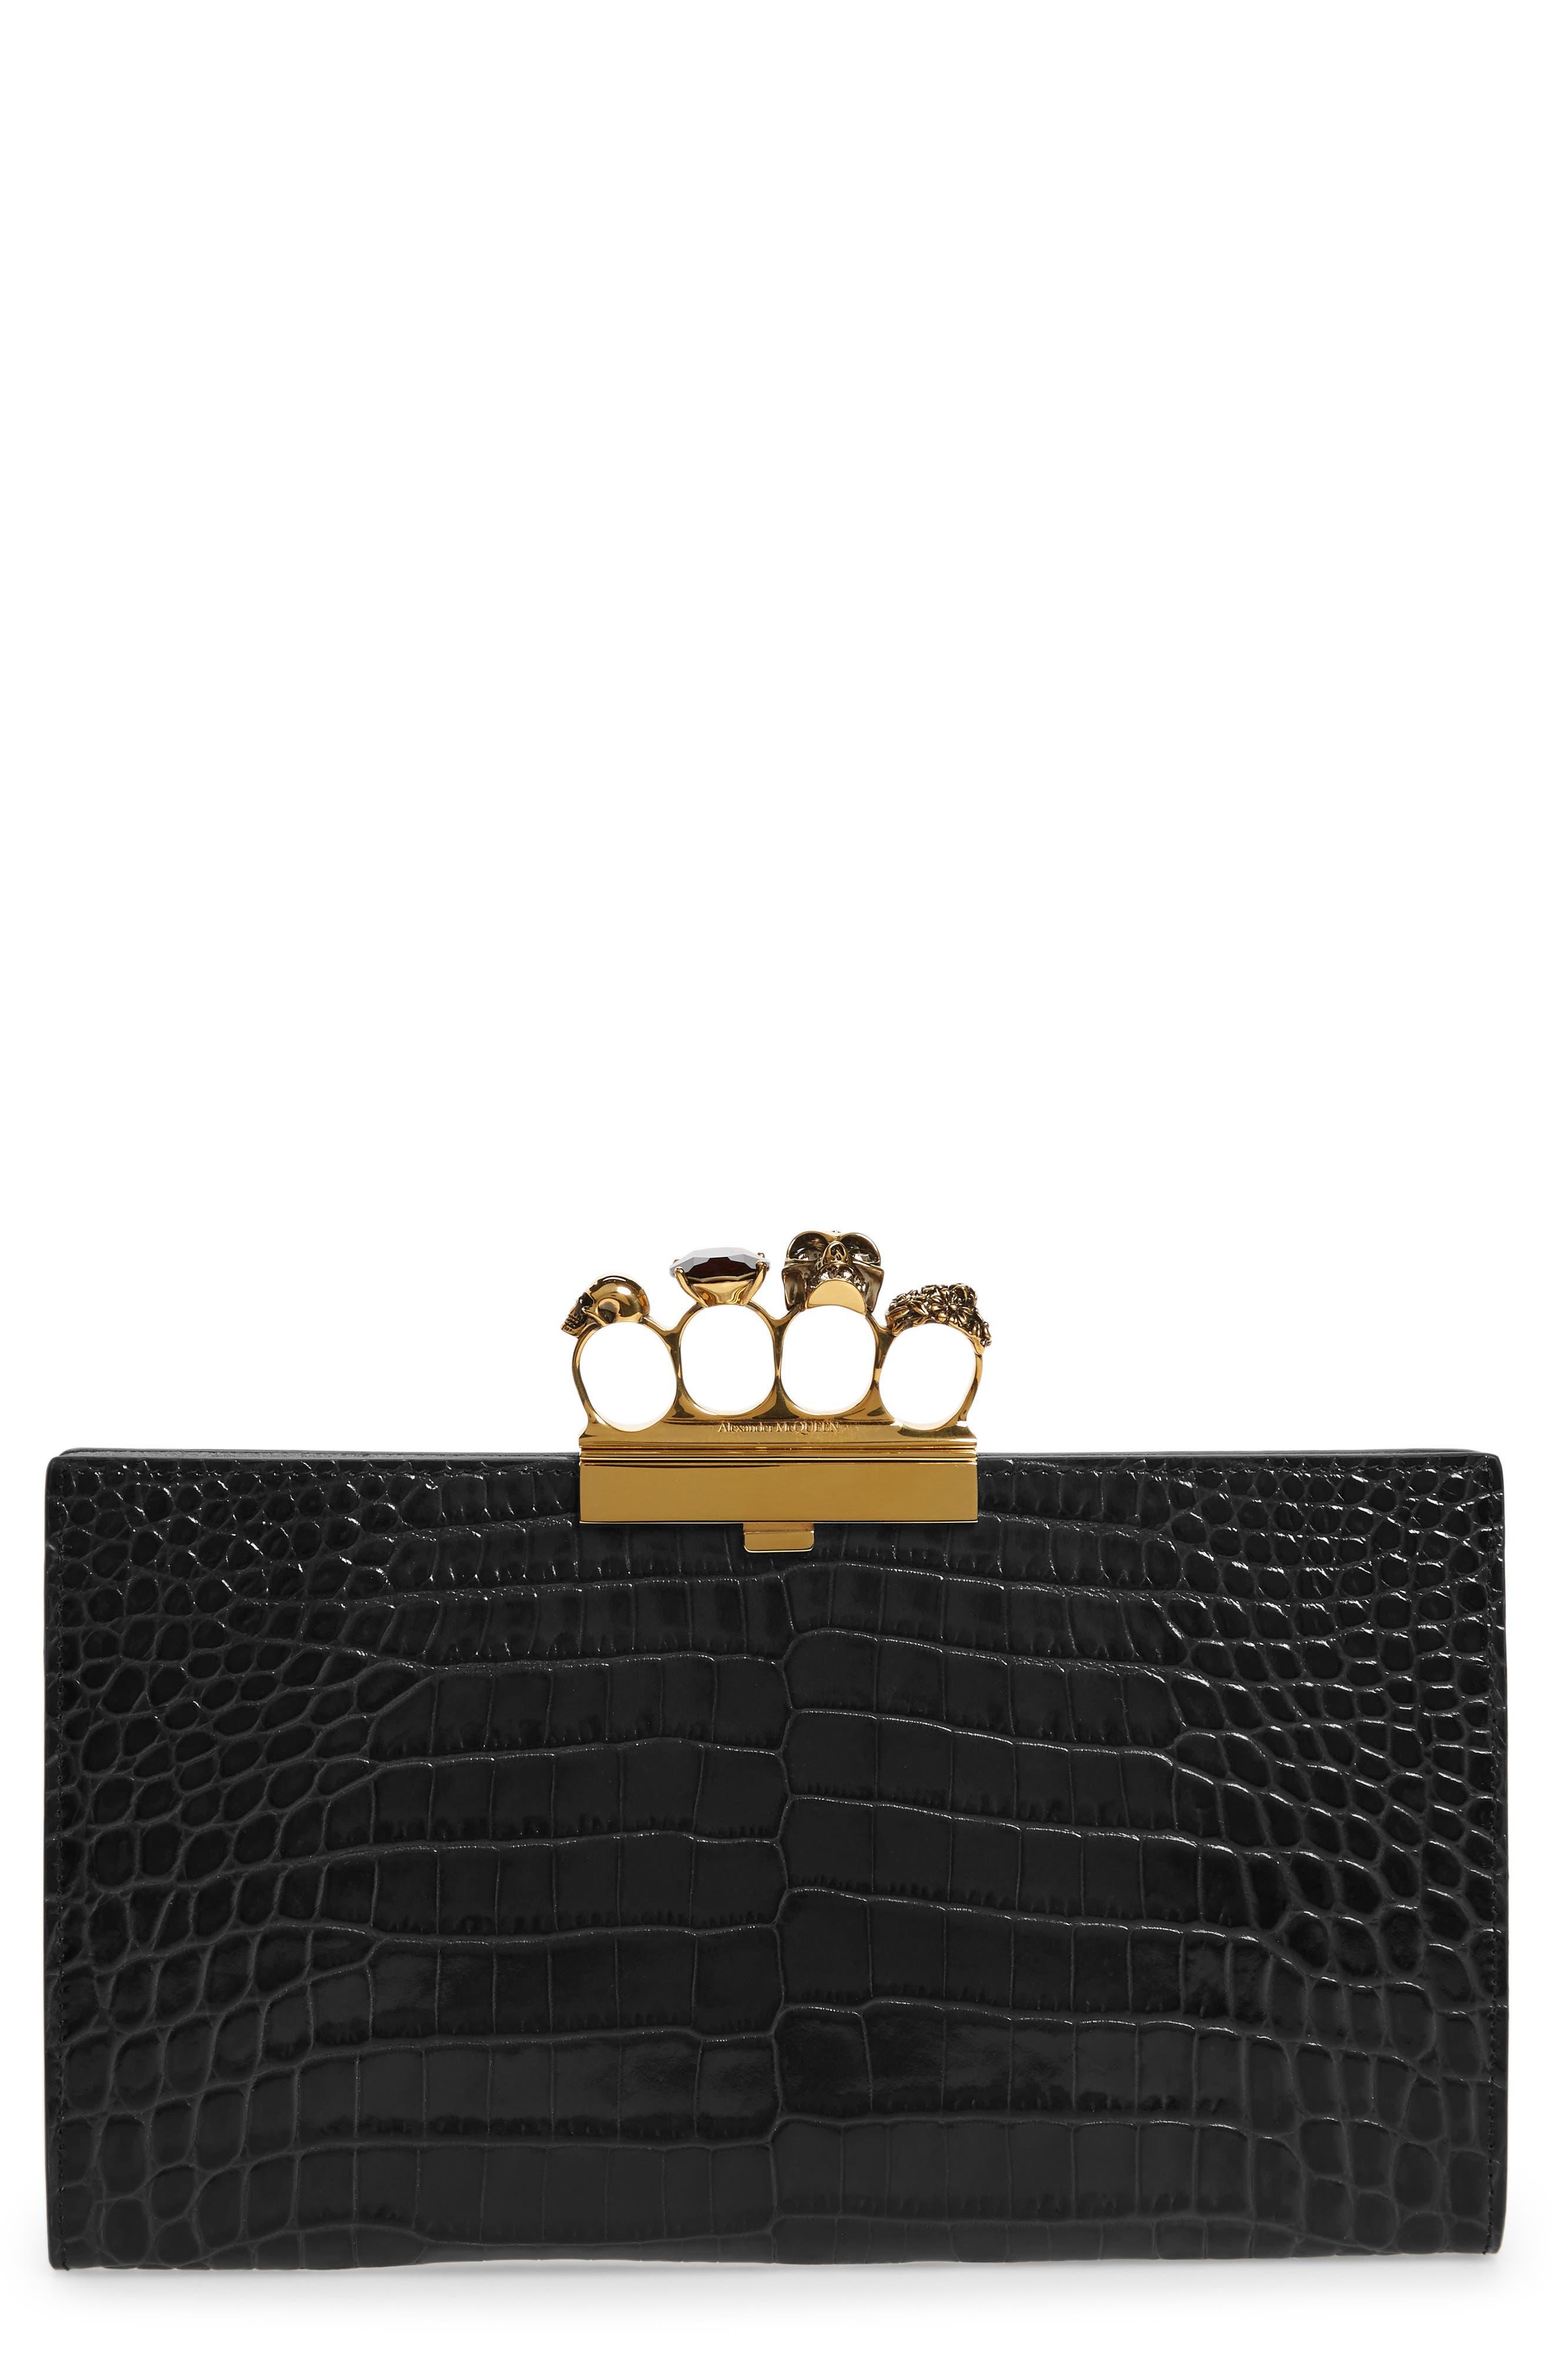 Alexander McQueen Croc Embossed Leather Knuckle Clutch | Nordstrom